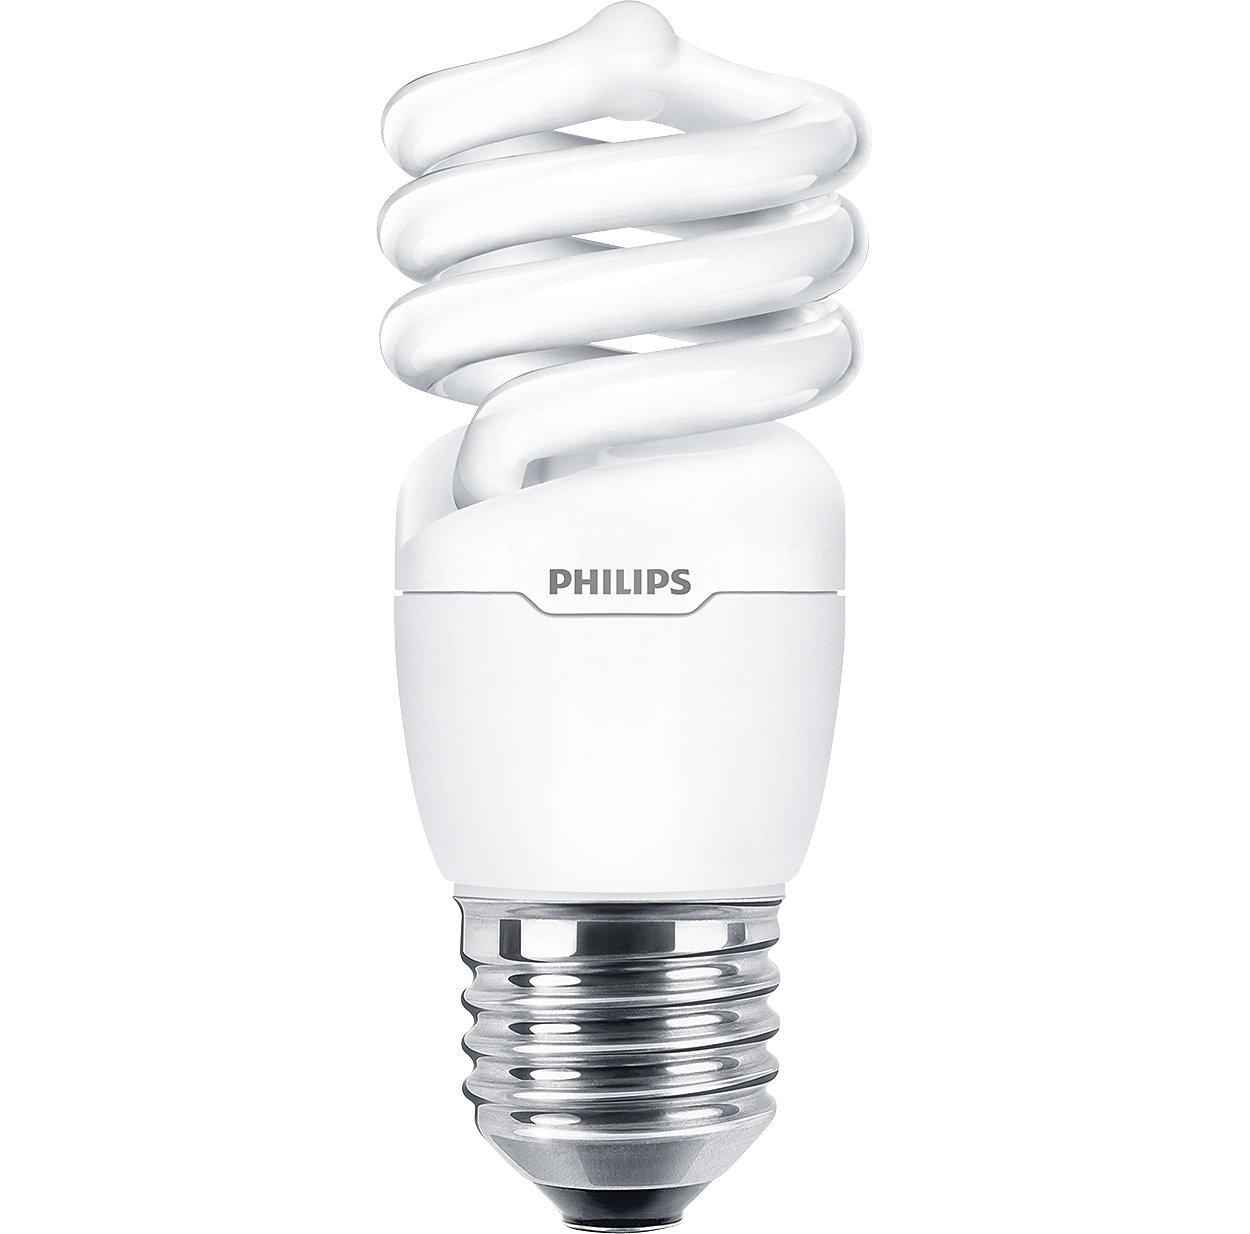 Lámpara de bajo consumo con forma de espiral decorativa y de calidad confiable